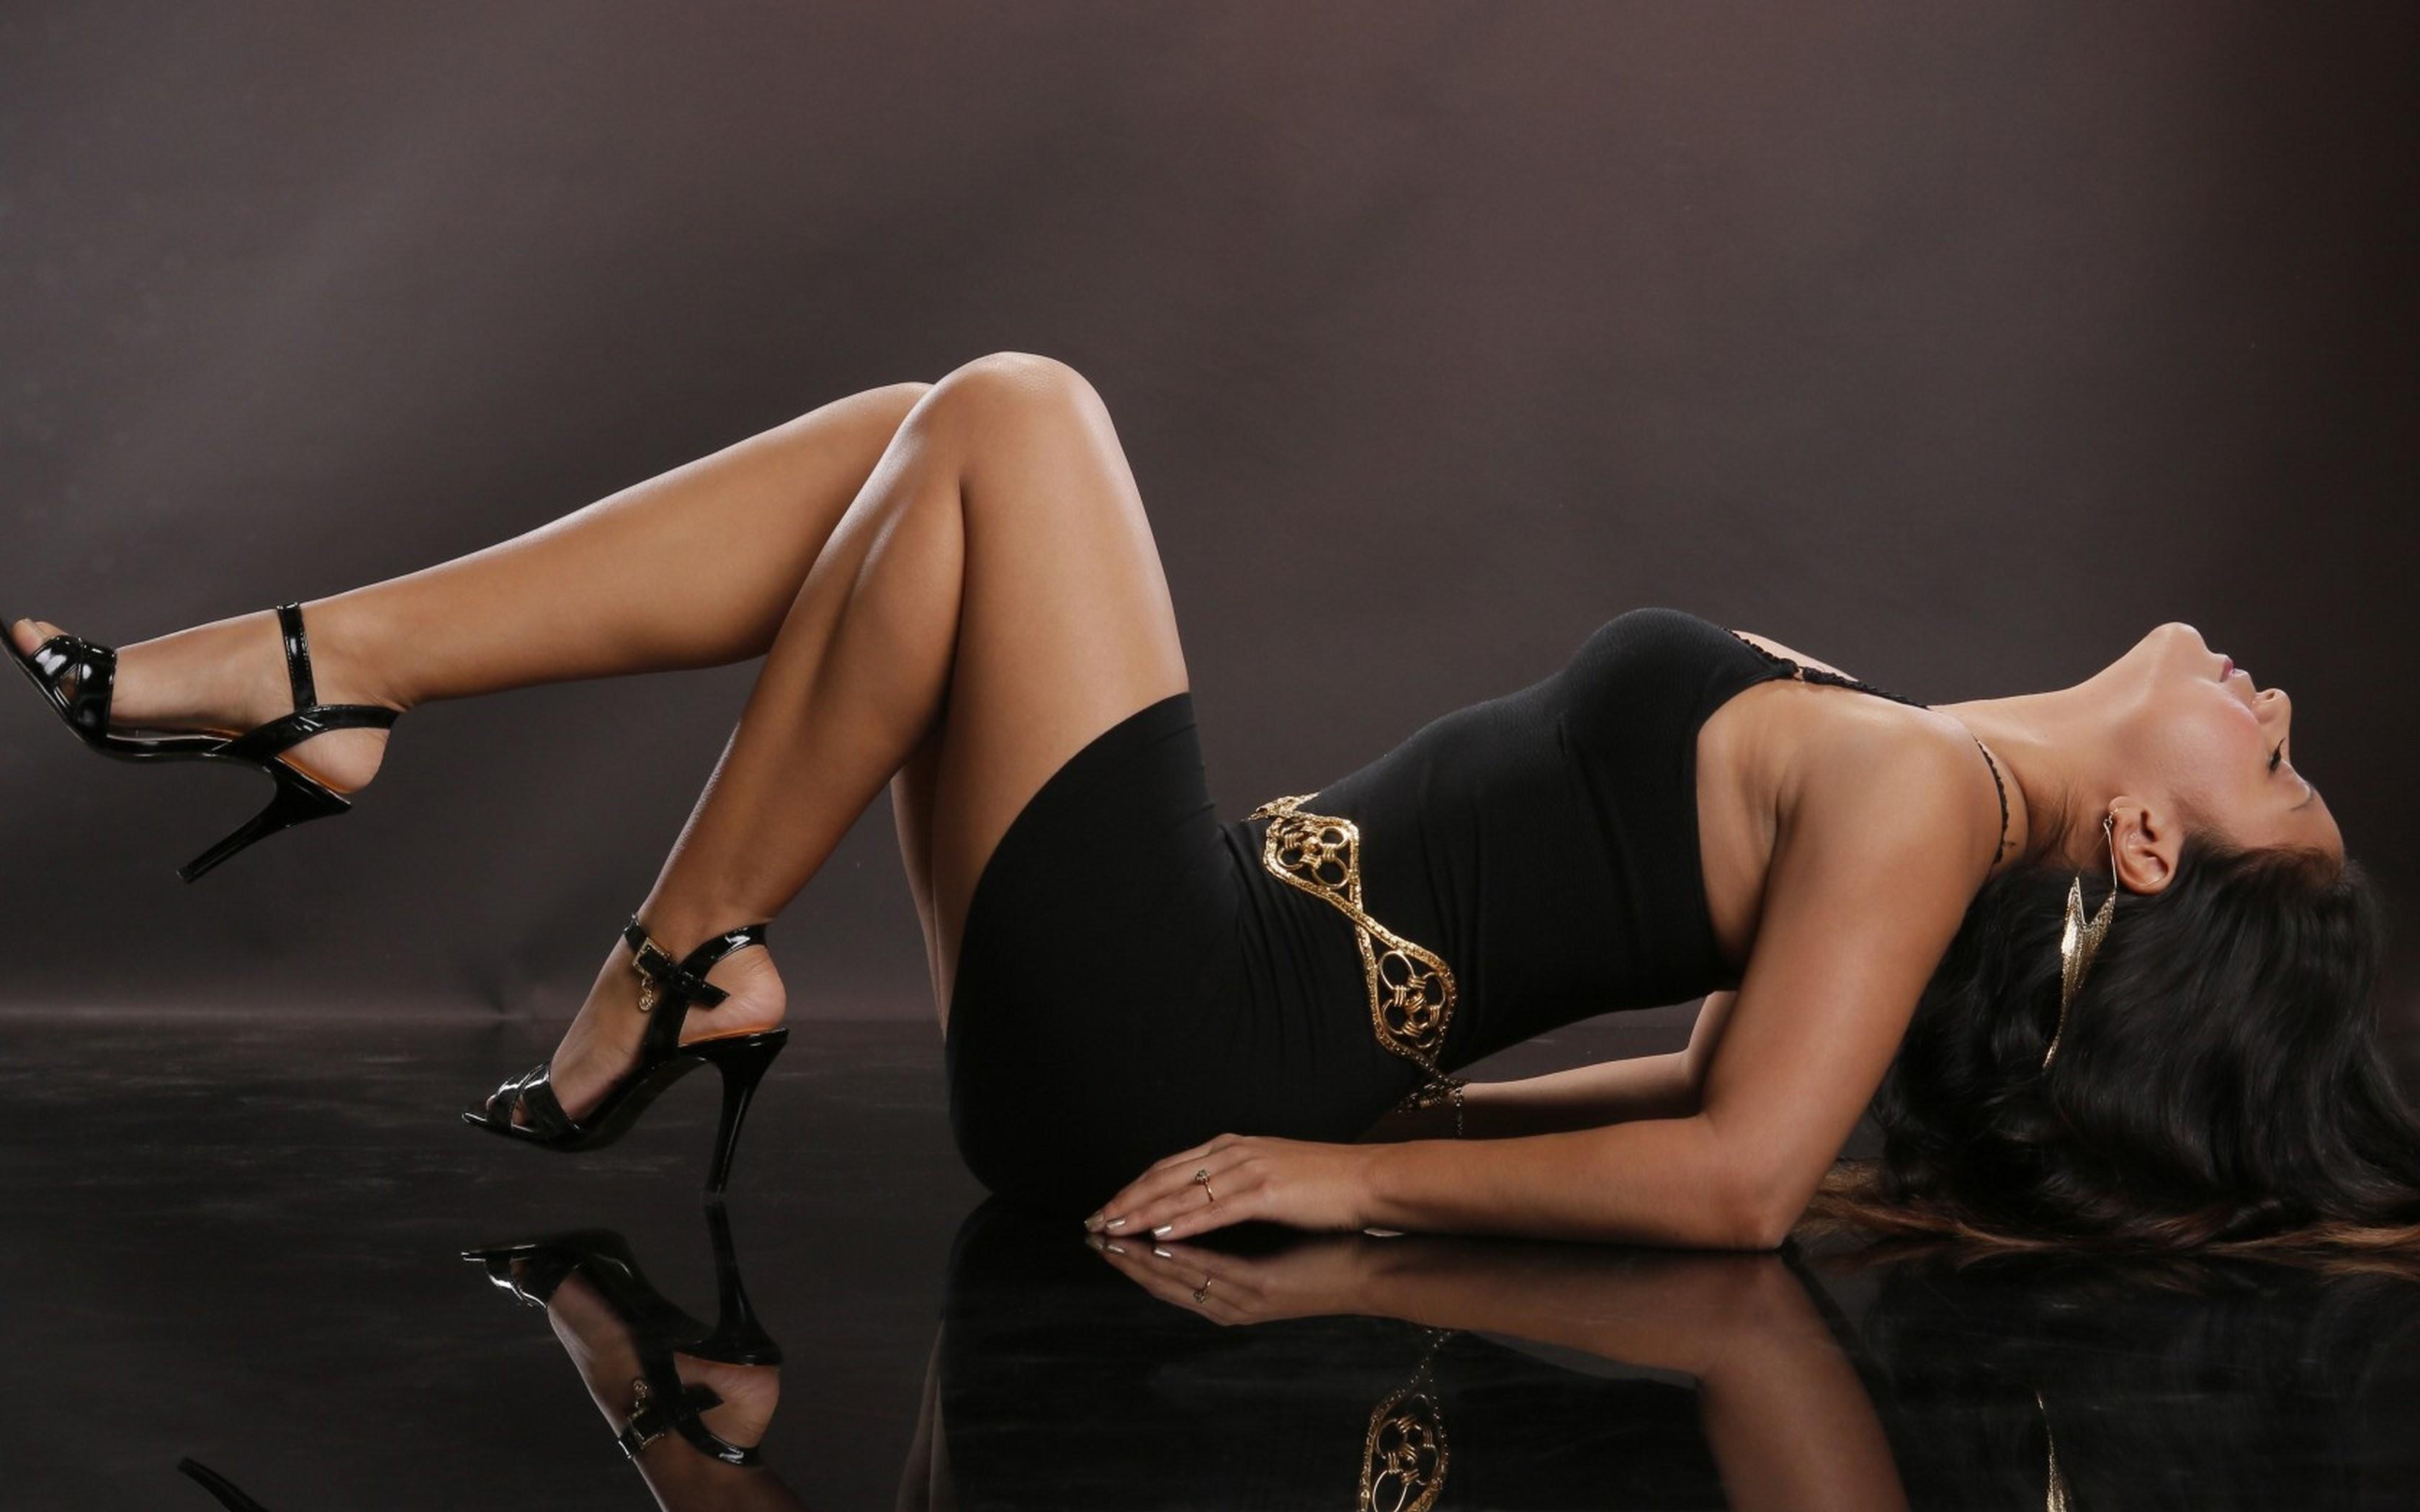 Res: 3360x2100, Pose shoe legs leg black dress model beauty woman wallpaper |  |  488831 | WallpaperUP